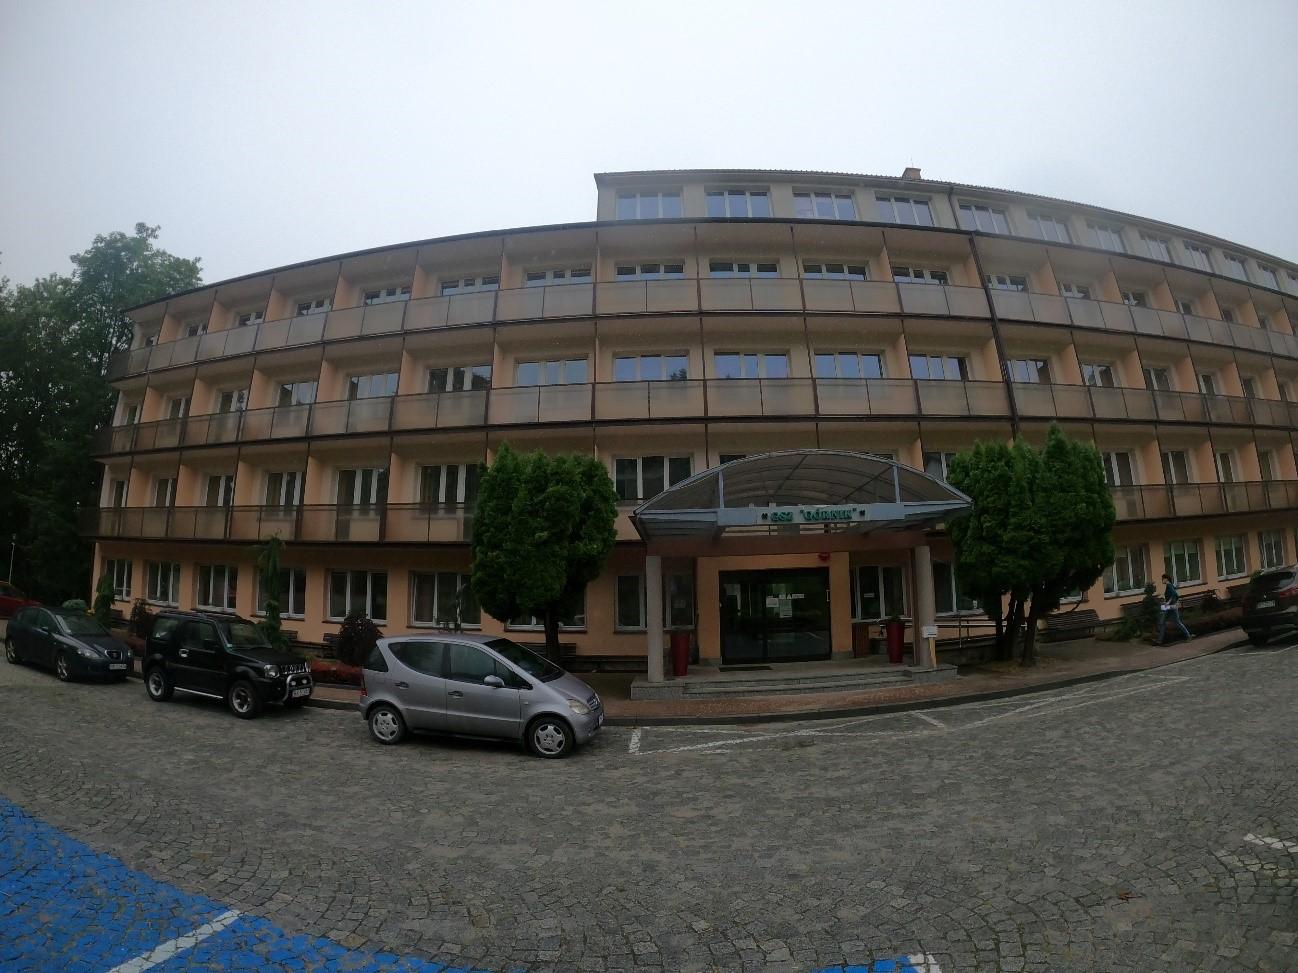 Wykonanie audytu energetycznego budynku Sanatorium Górnik. Kubatura: 27 tyś m3. Powierzchnia: 9194 m2